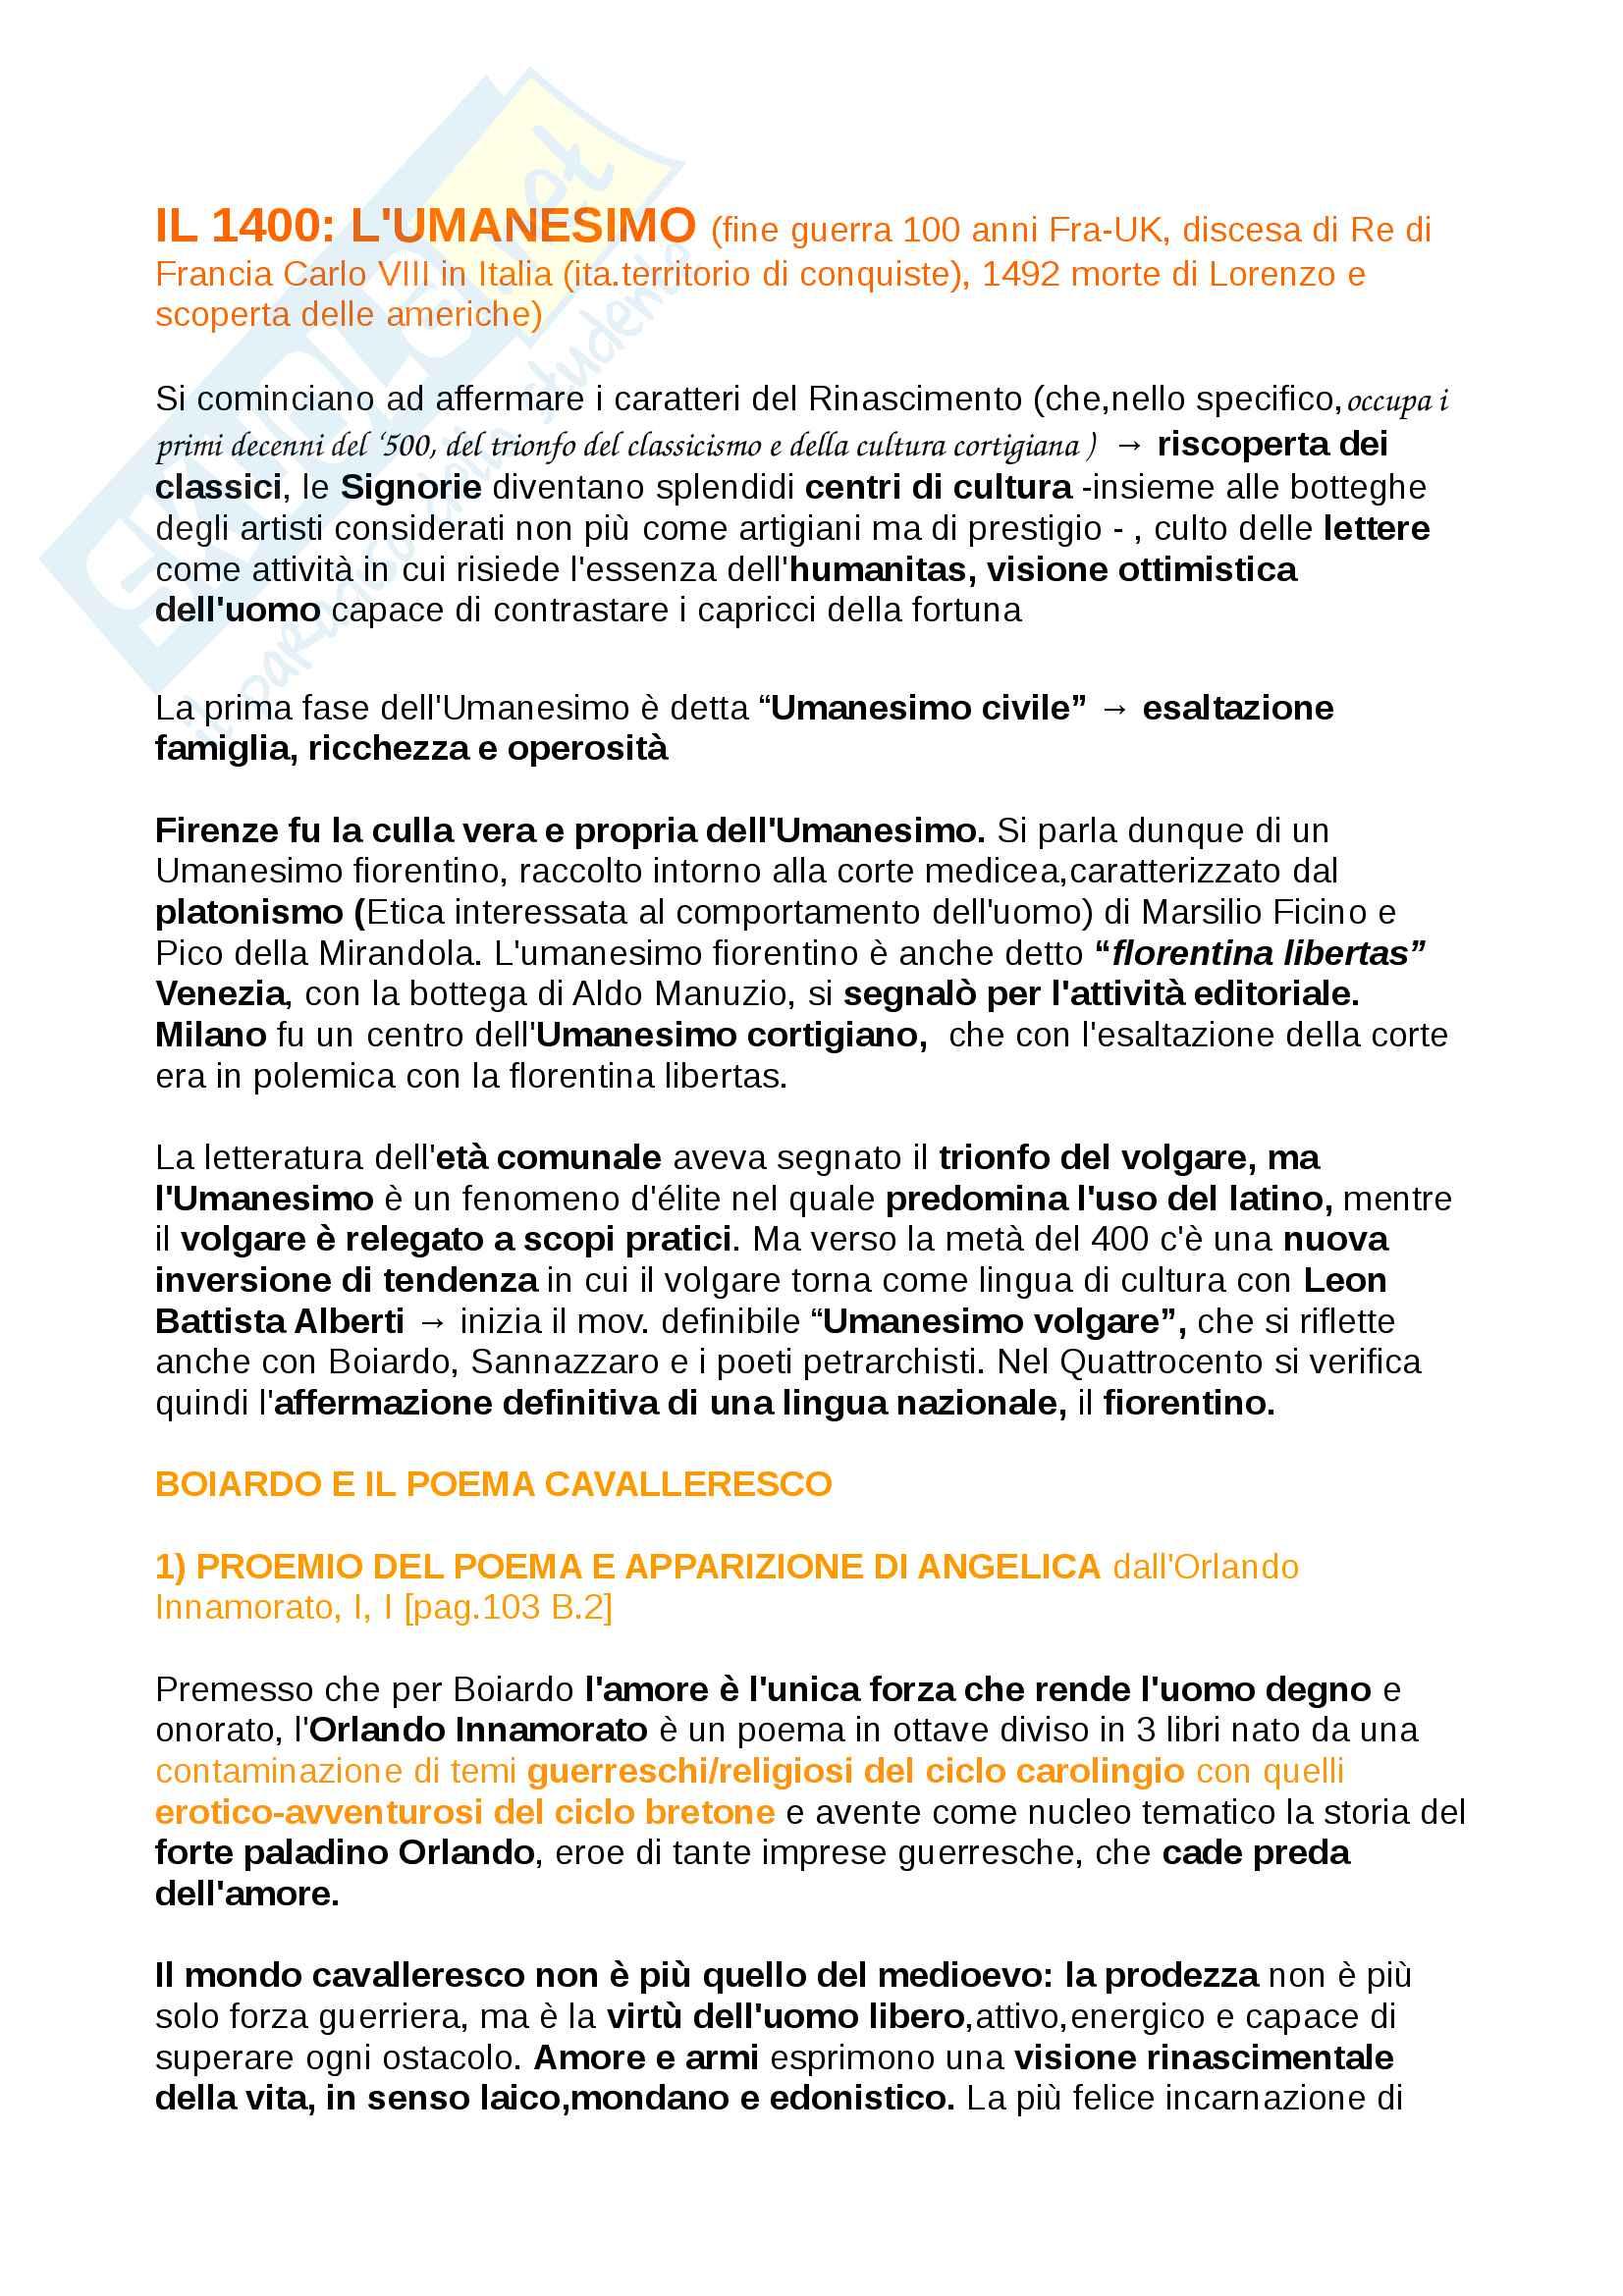 Riassunti Letteratura Italiana dal 1400 al 1500, libro consigliato 2° Baldi , con analisi dei testi, introduzione agli autori e opere, contesti storici, prof. Oliva